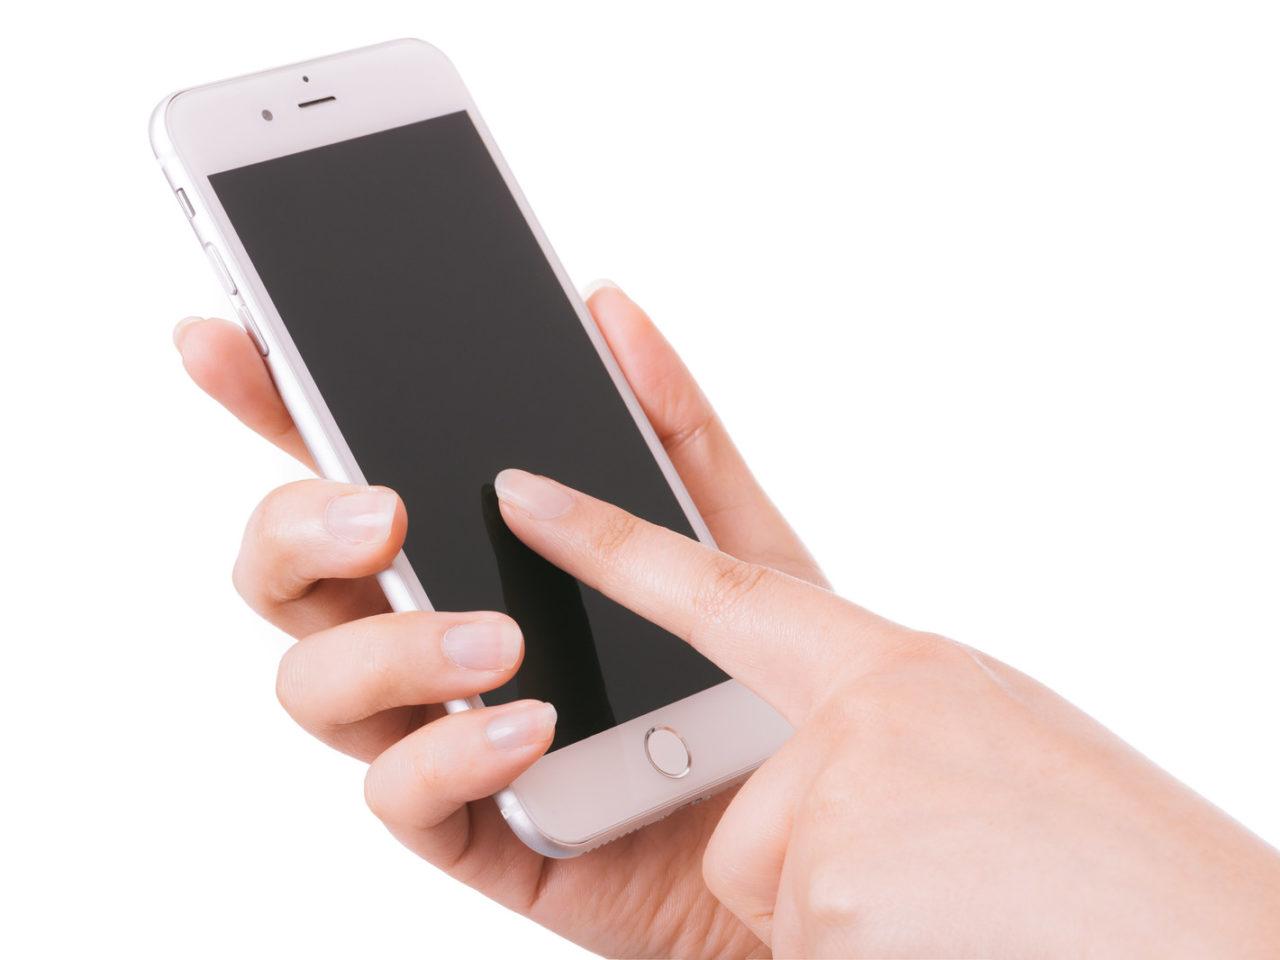 Appライブラリで非表示にしたアプリを戻す・復元する方法は?【iOS14&iPhone】のサムネイル画像